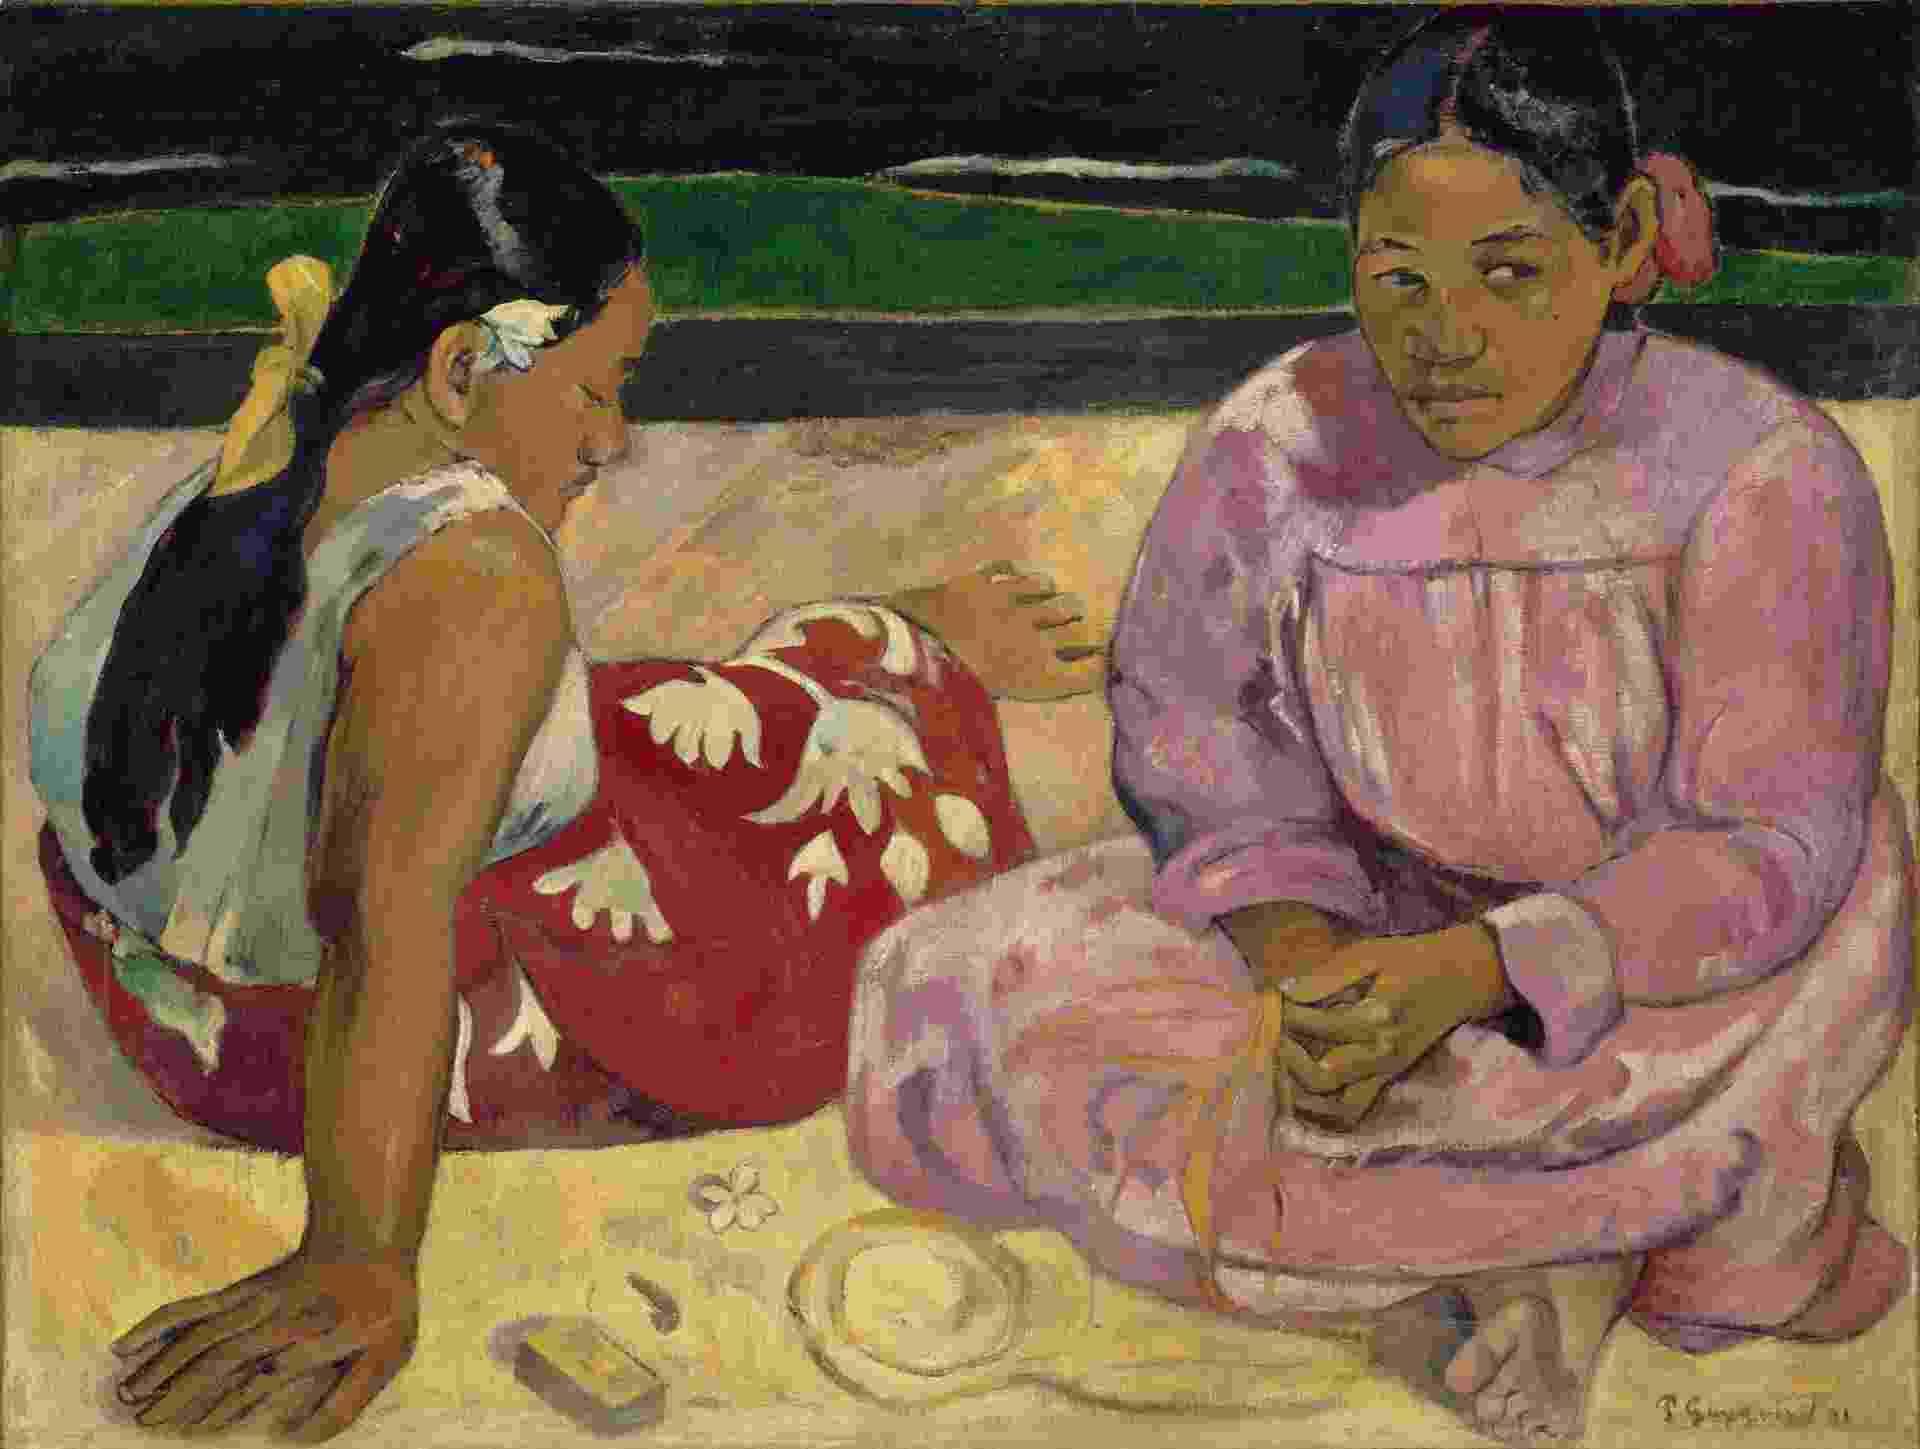 """Femmes de Tahiti [Mulheres do Taiti], de Paul Gauguin, estará na exposição """"O Triunfo da cor. O pós-impressionismo: obras-primas do Musée d'Orsay e do Musée de l'Orangerie"""", no CCBB - RMN-Grand Palais (Musée d'Orsay)"""